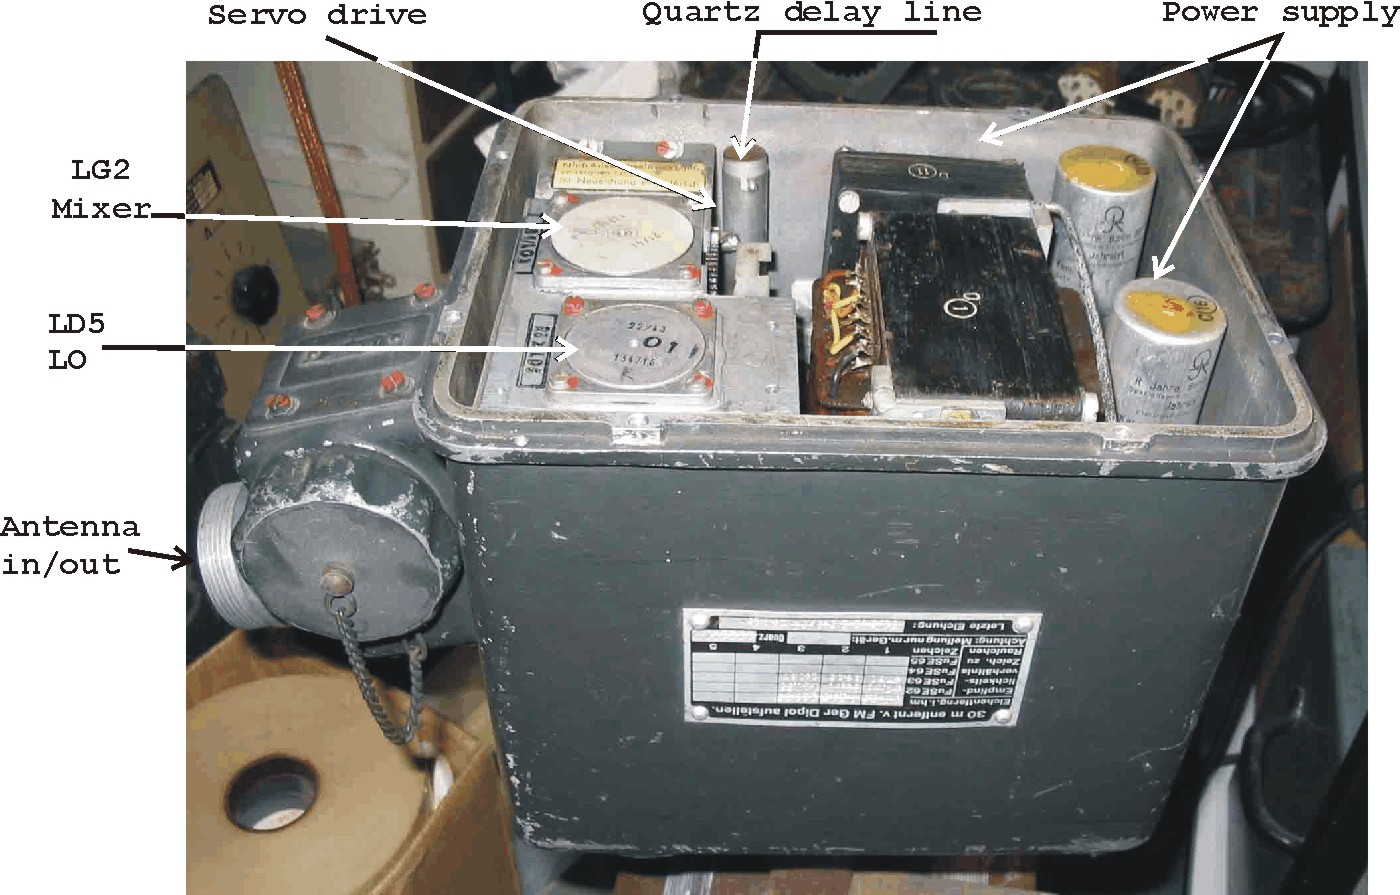 Radar test-gear